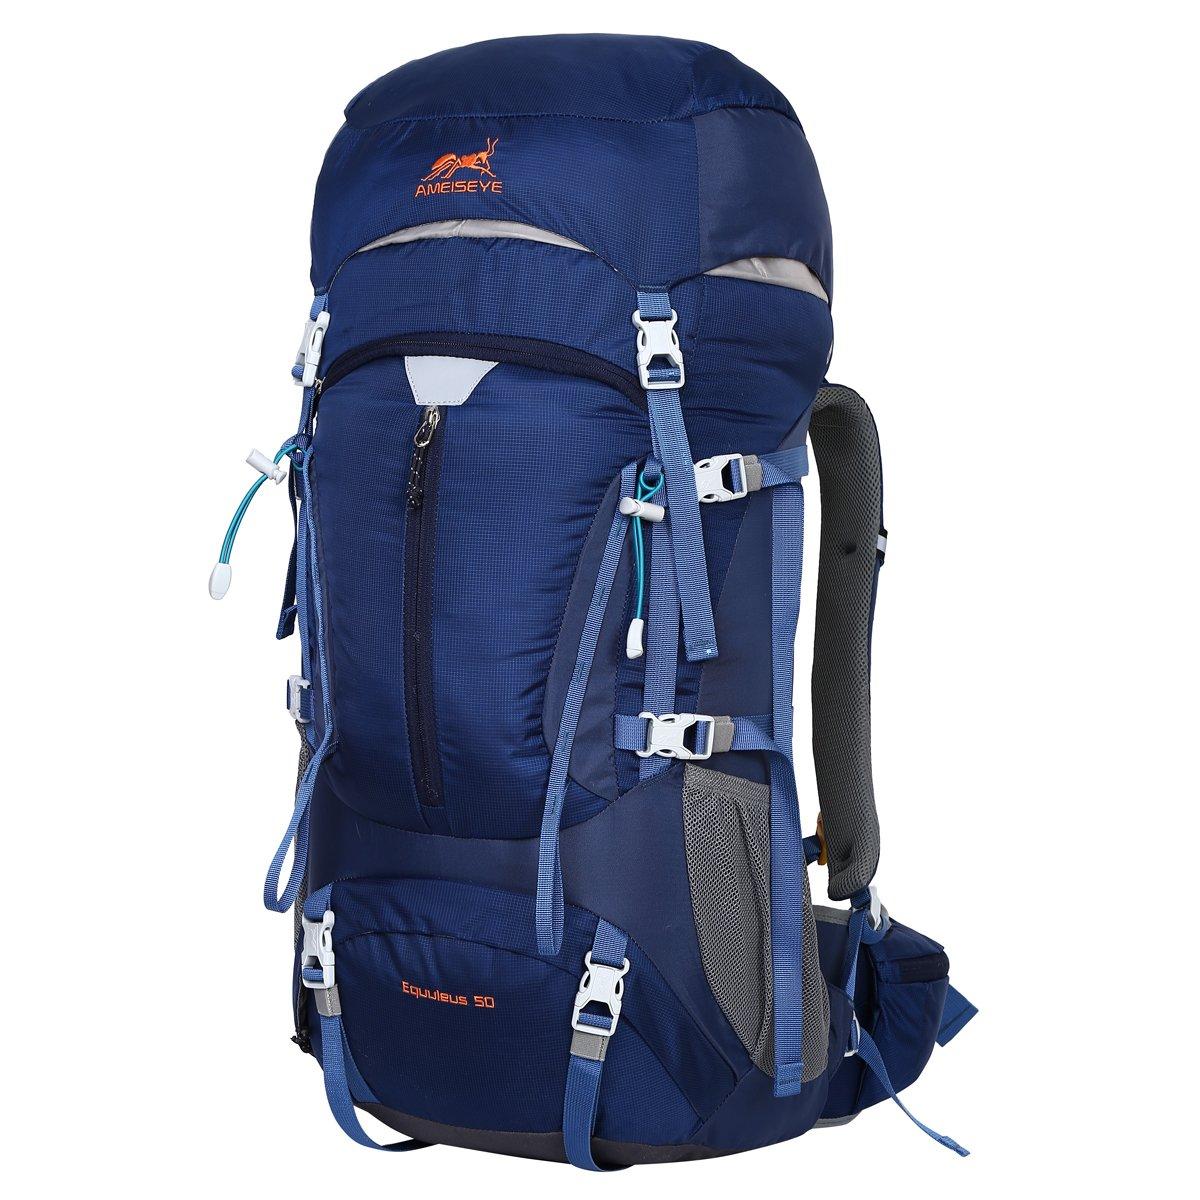 Eshow 50L Mochilas de Acampada Multifuncional Mochilas de Senderismo de Nailon Impermeable Mochilas de Montaña para Viajes de Unisex Color Azul: Amazon.es: ...